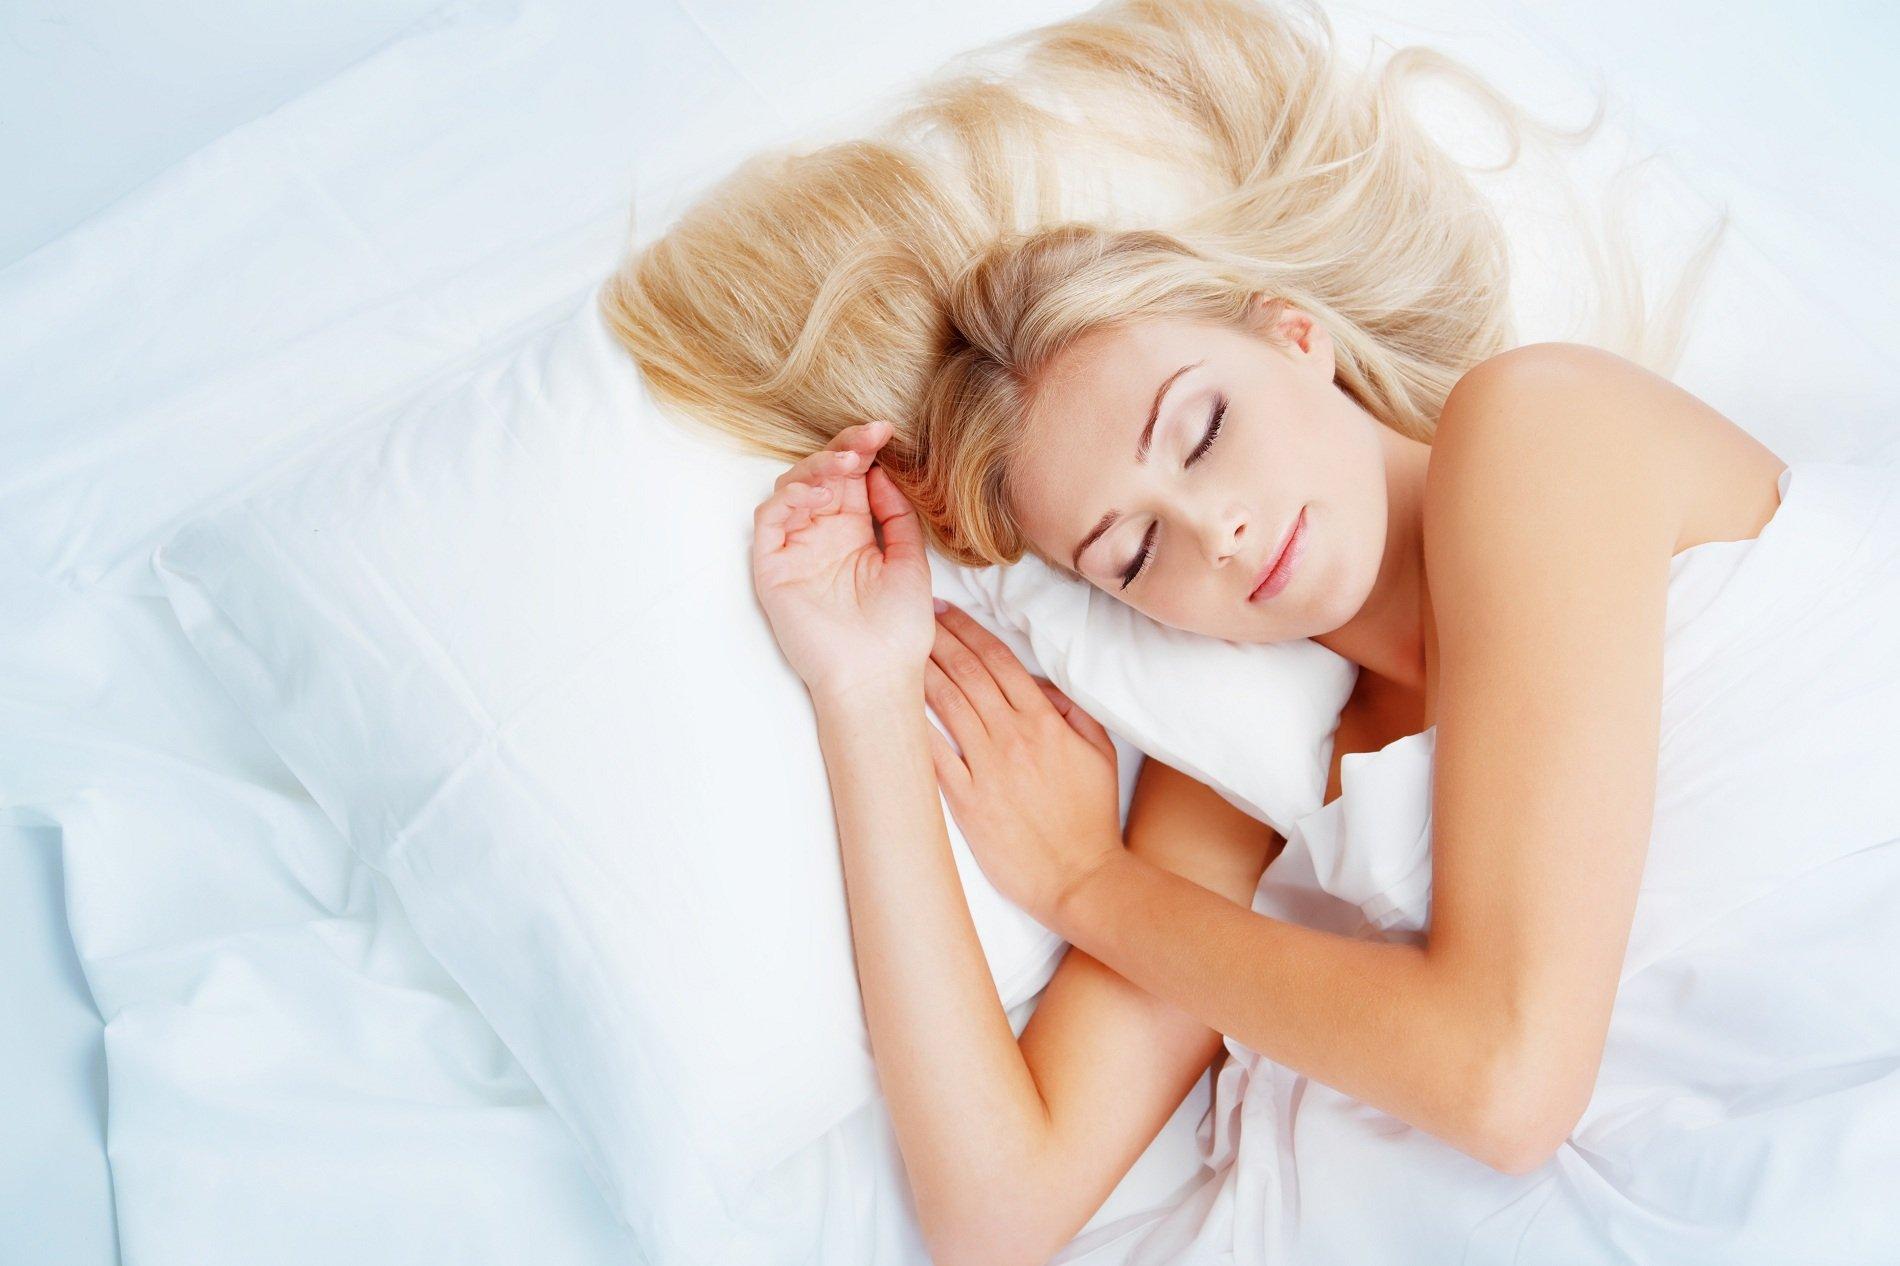 Giovane donna dormendo in un letto con savane bianche e due guanciali